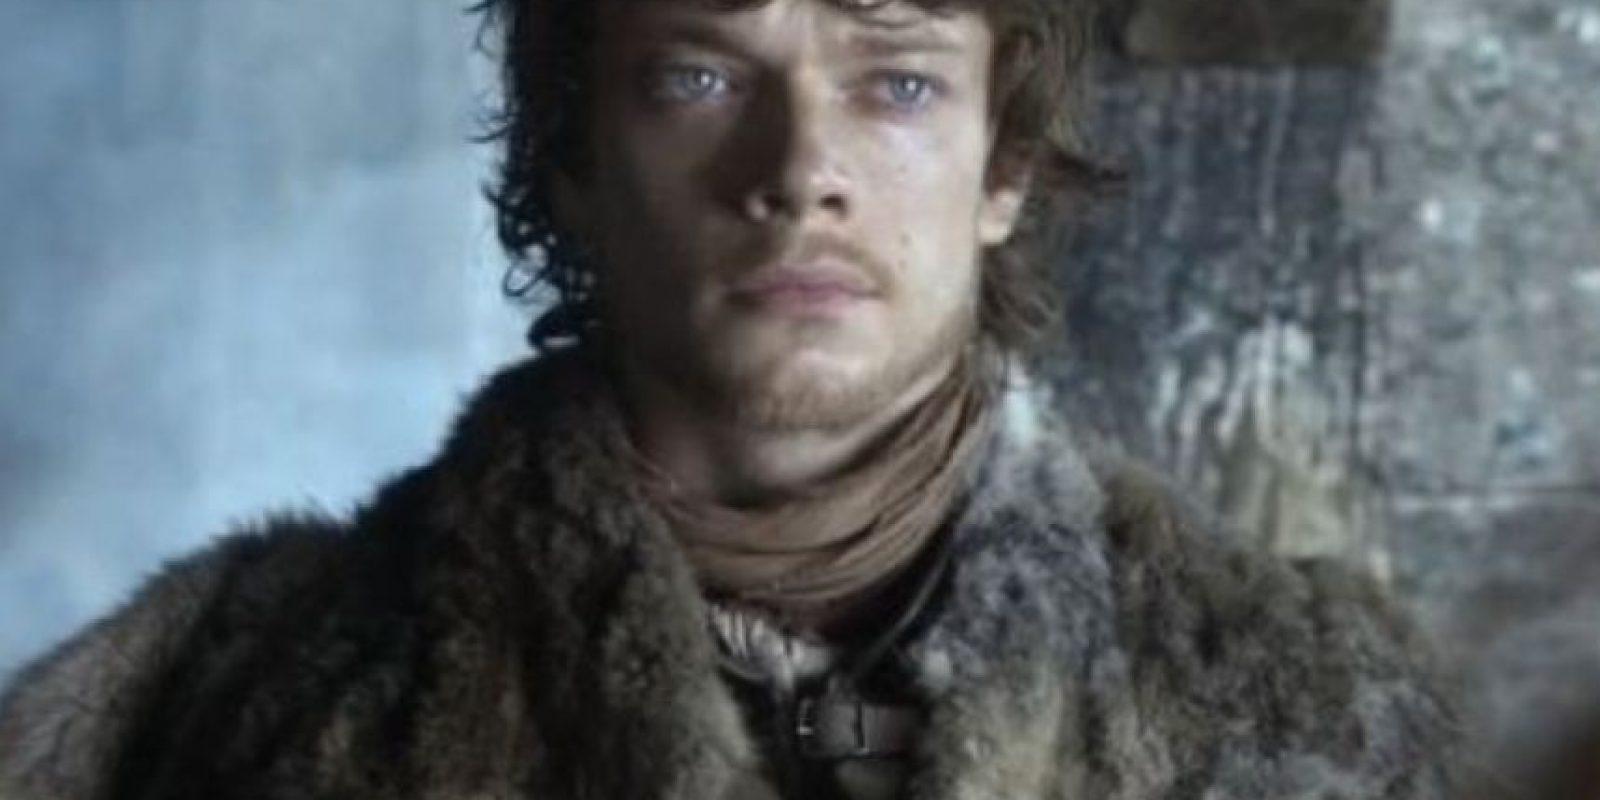 Luego de su tortura, ¿sufrirá más? Foto:HBO